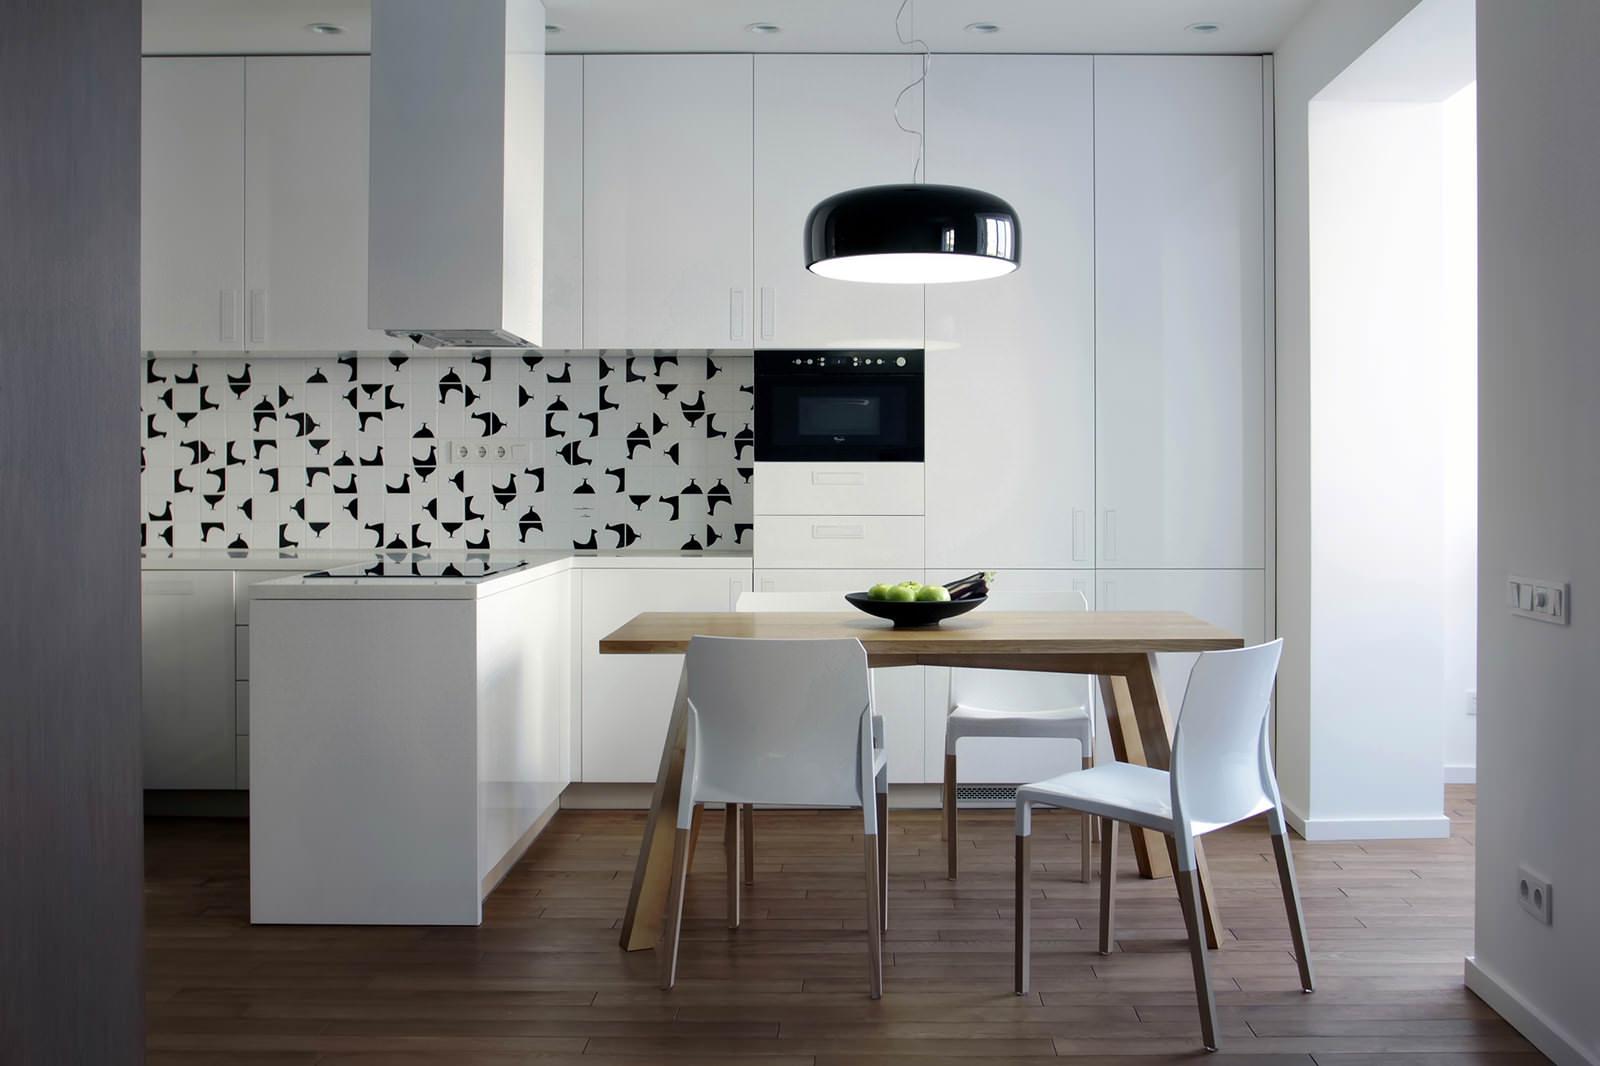 apartament-s-nestandarten-interior-v-skandinavski-stil-2g